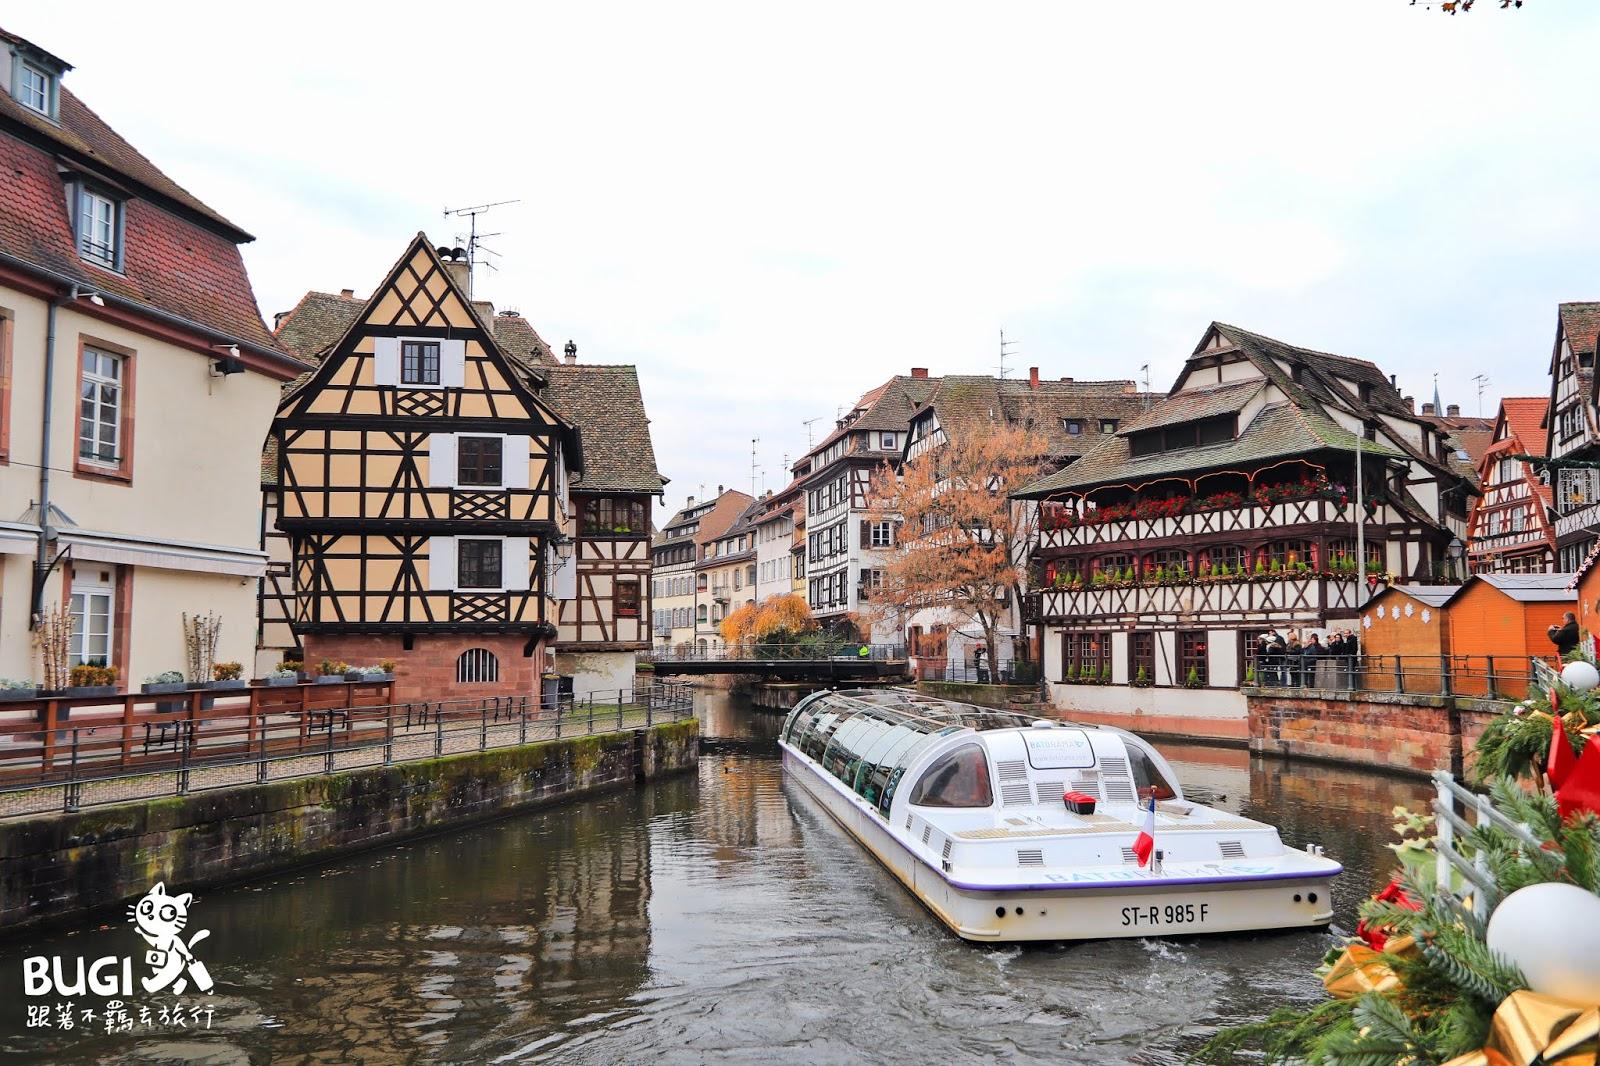 法國|史特拉斯堡一日遊 。在舊城區、小法國的聖誕市集中漫步(含景點地圖、交通、旅館)